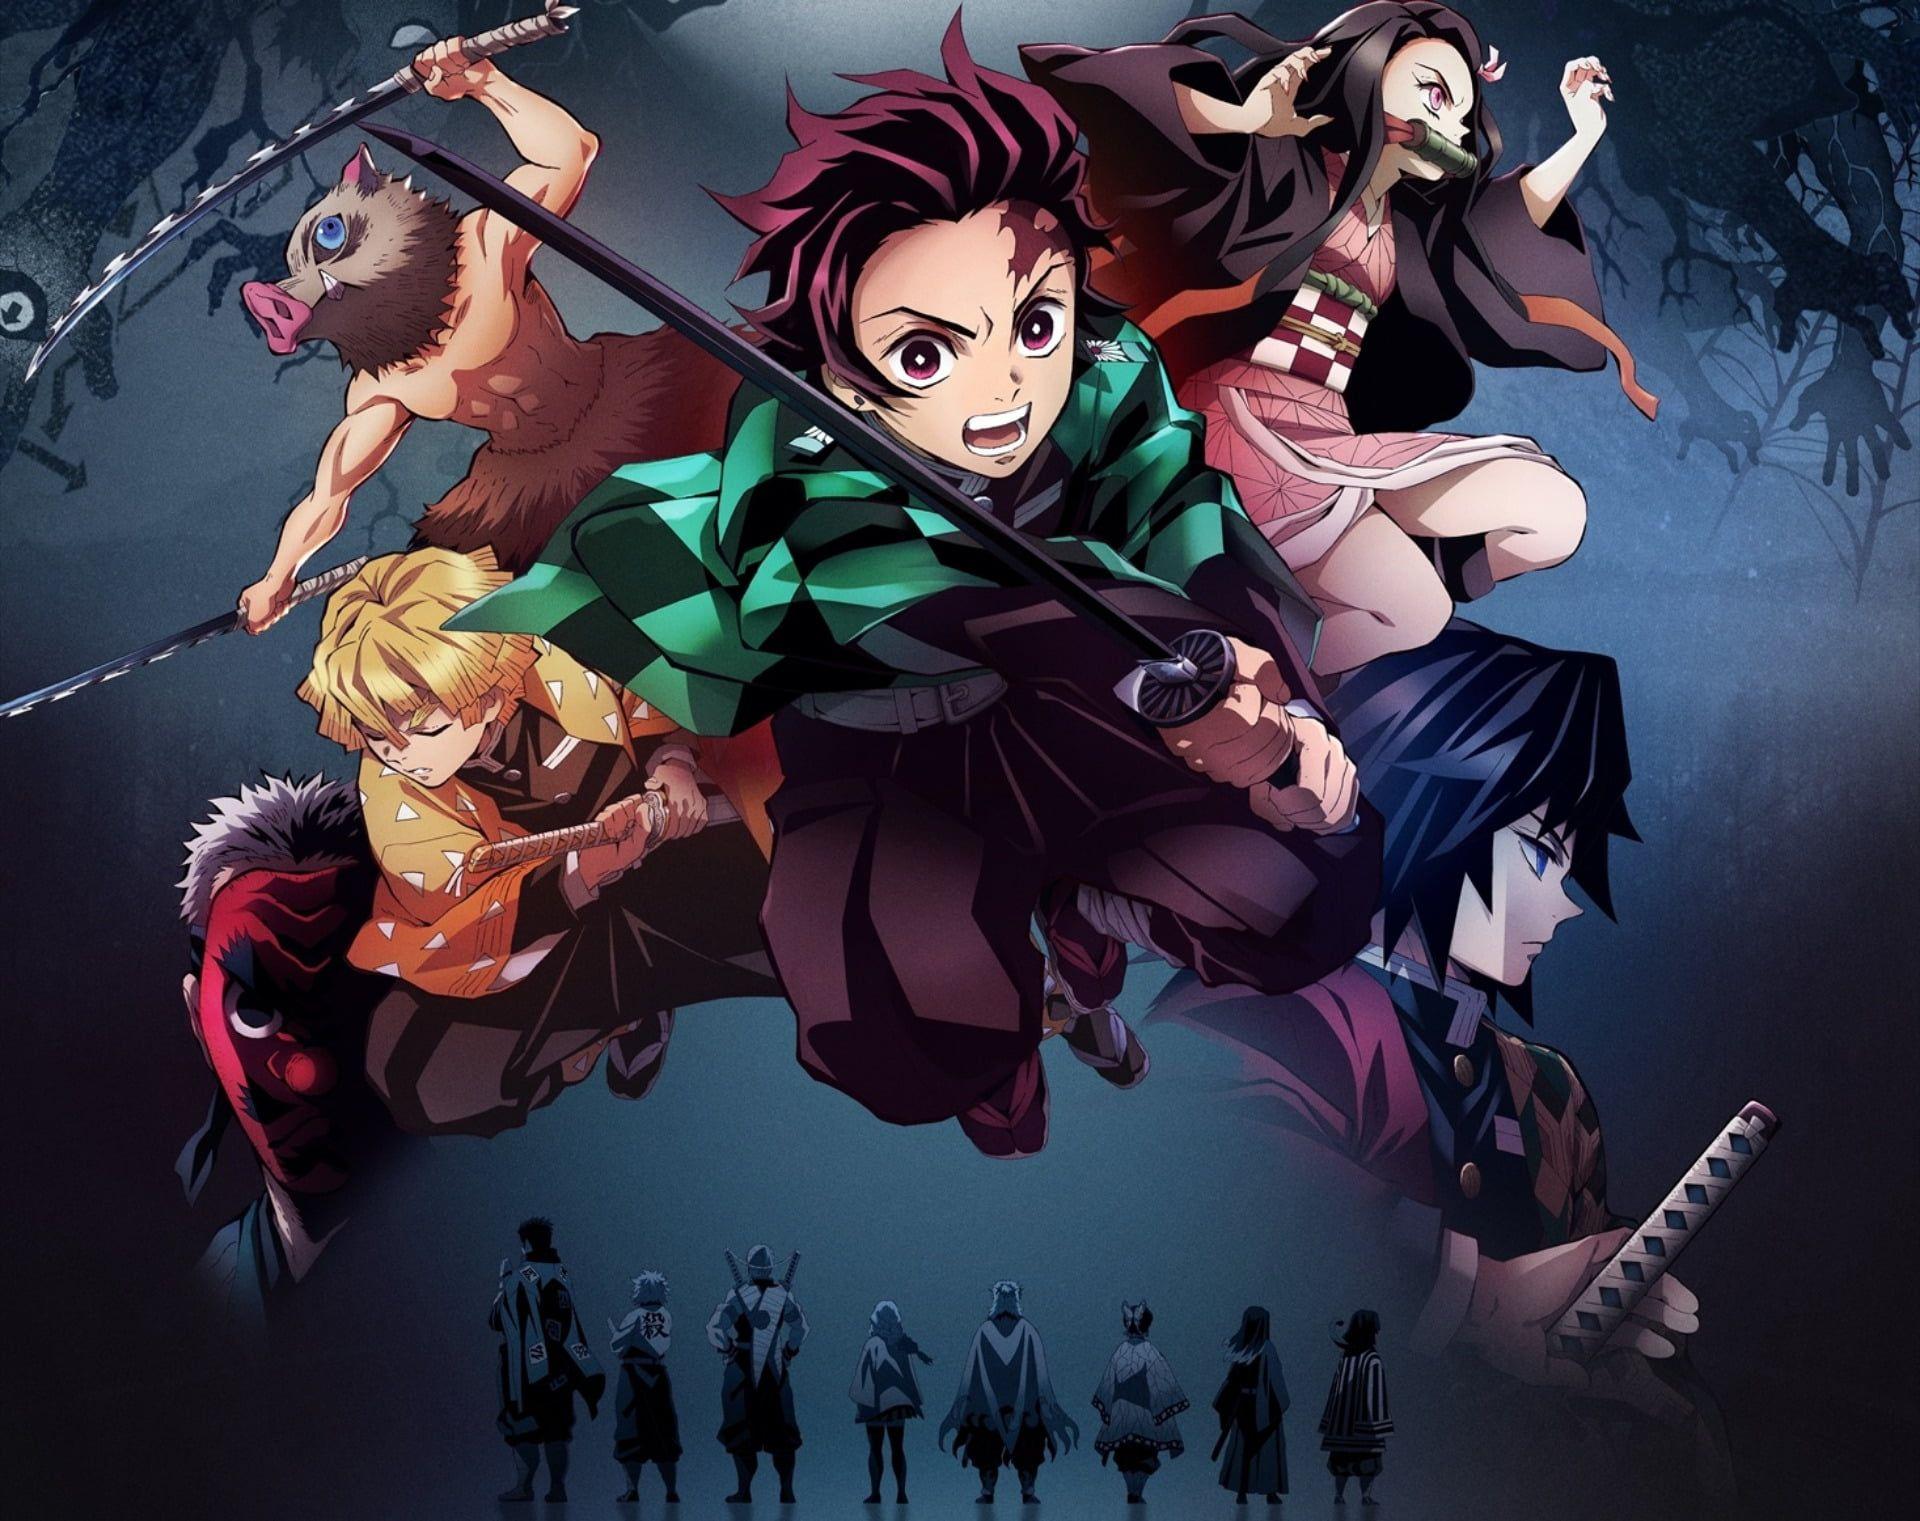 Anime Demon Slayer Kimetsu No Yaiba Giyuu Tomioka Inosuke Hashibira Nezuko Kamado Tanjirou Kamado Zenitsu Agatsuma 1080p Wal In 2020 Slayer Anime Anime Demon Anime